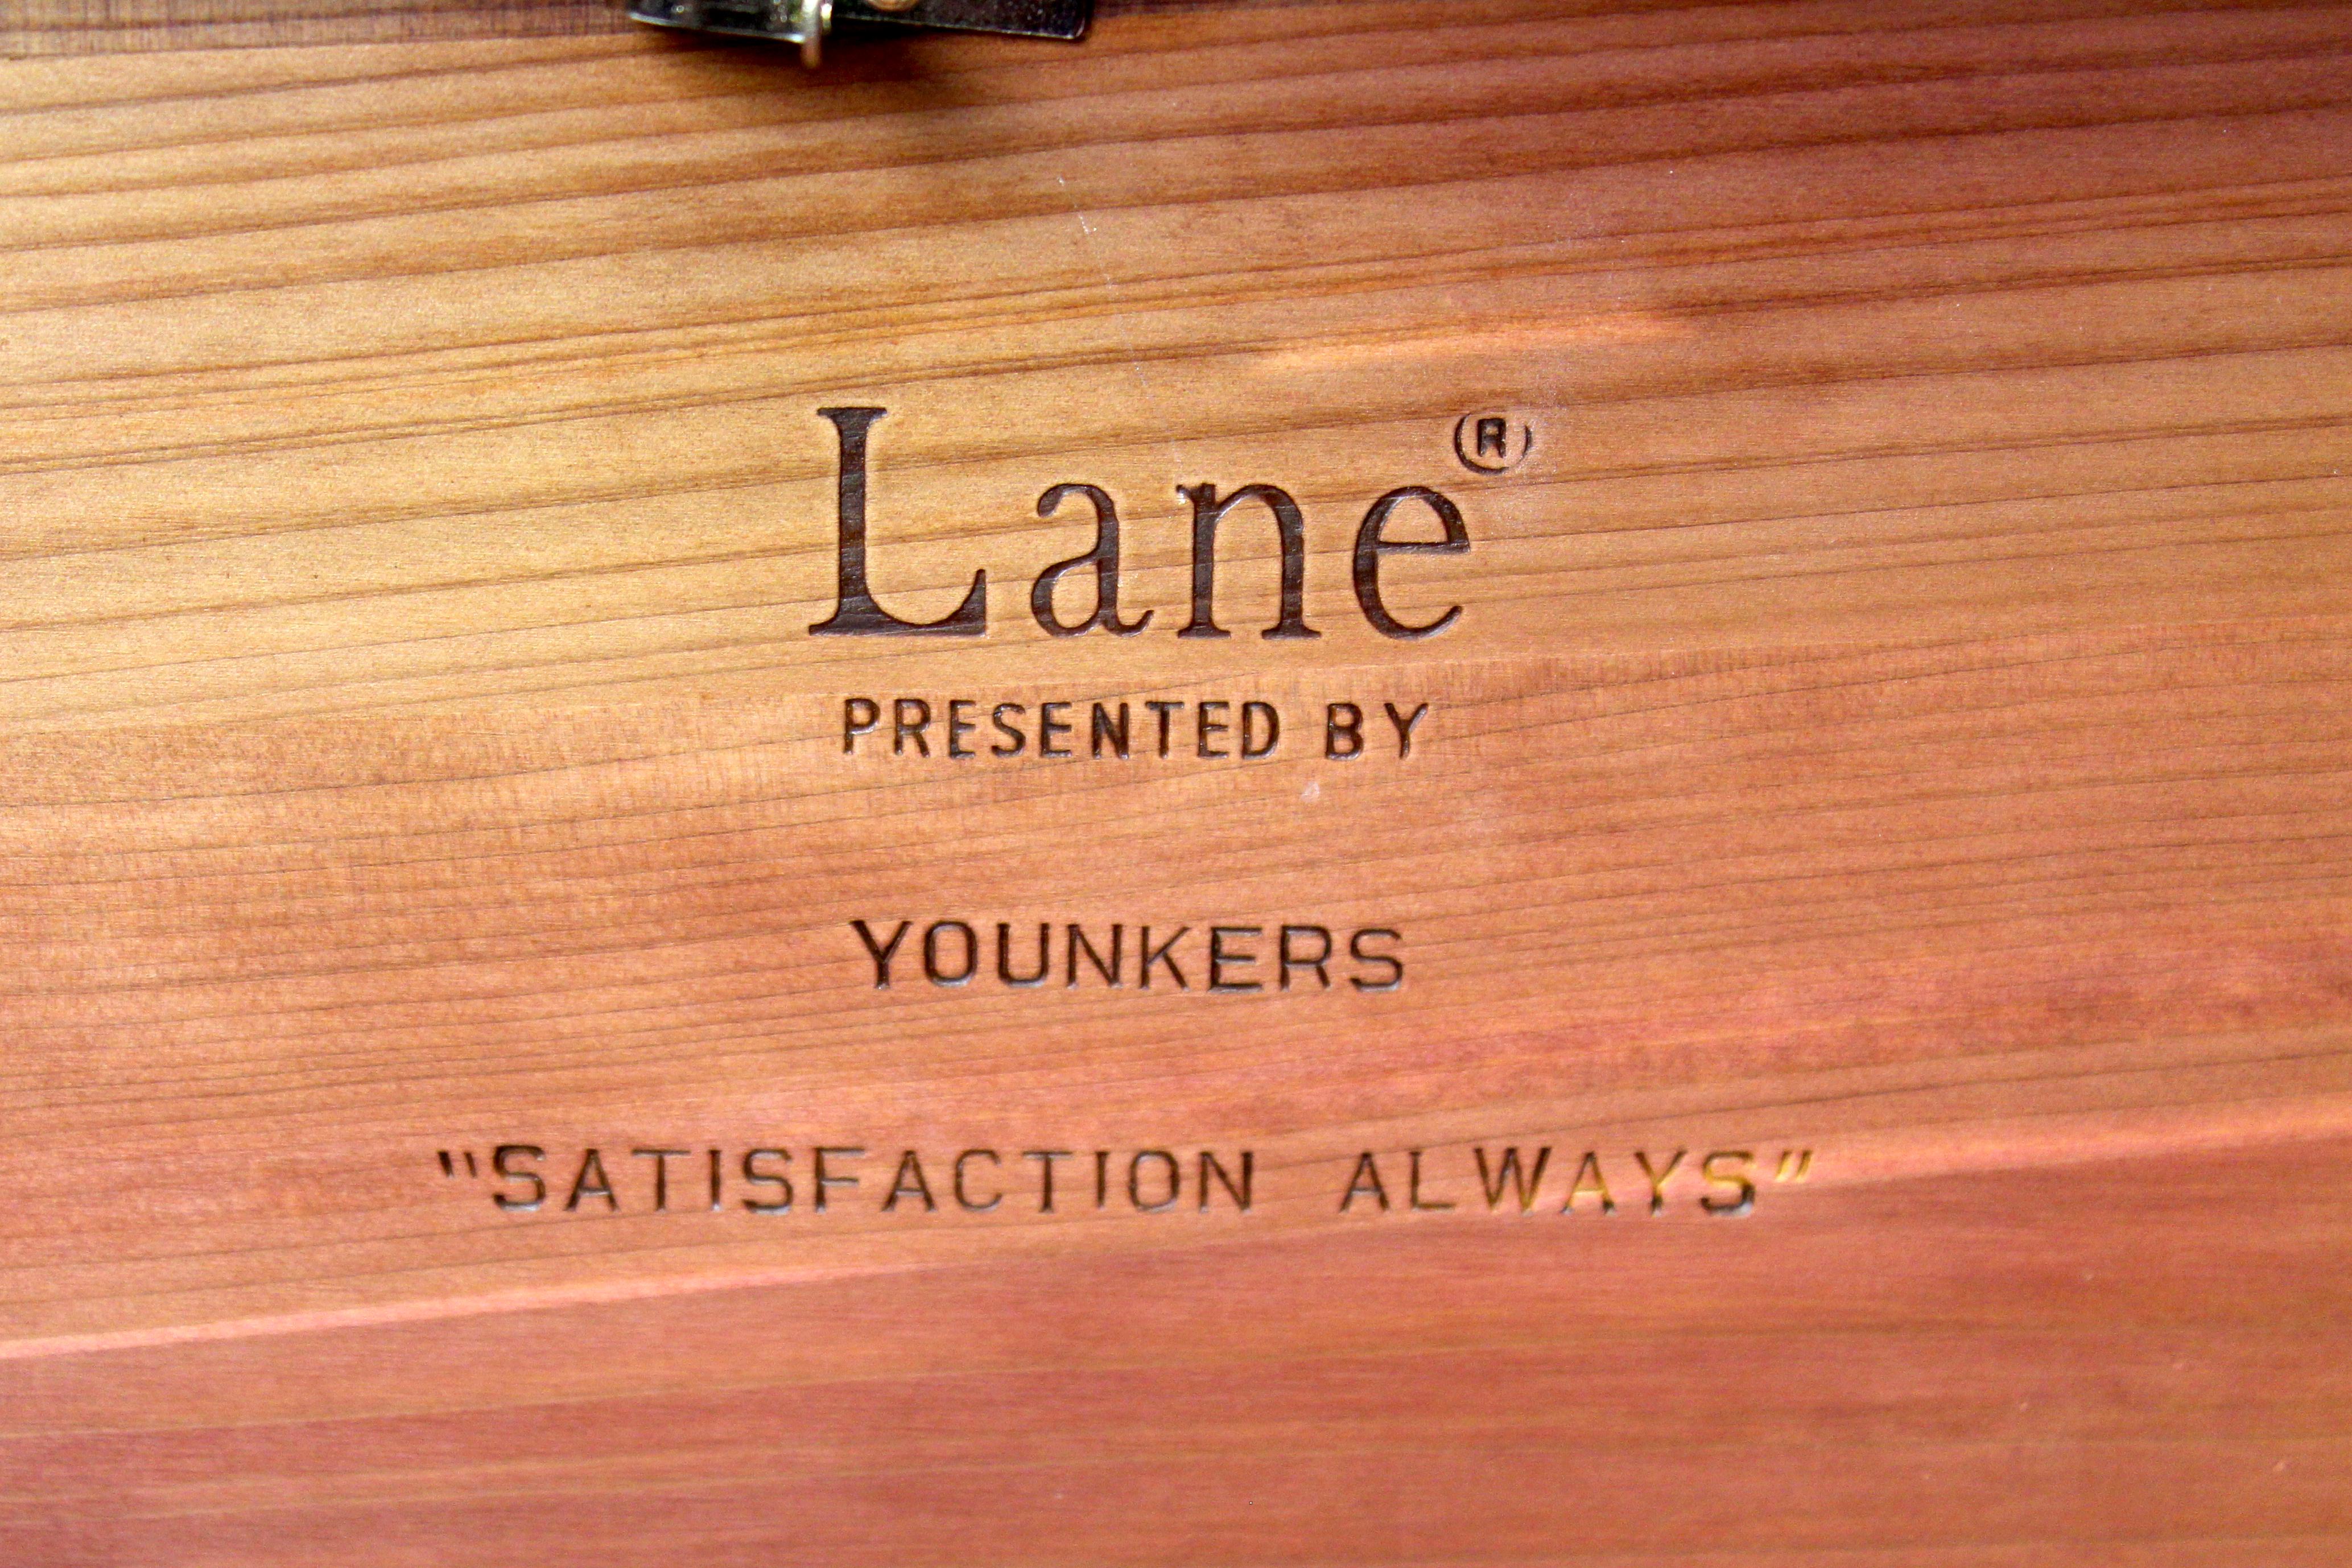 Lane PB